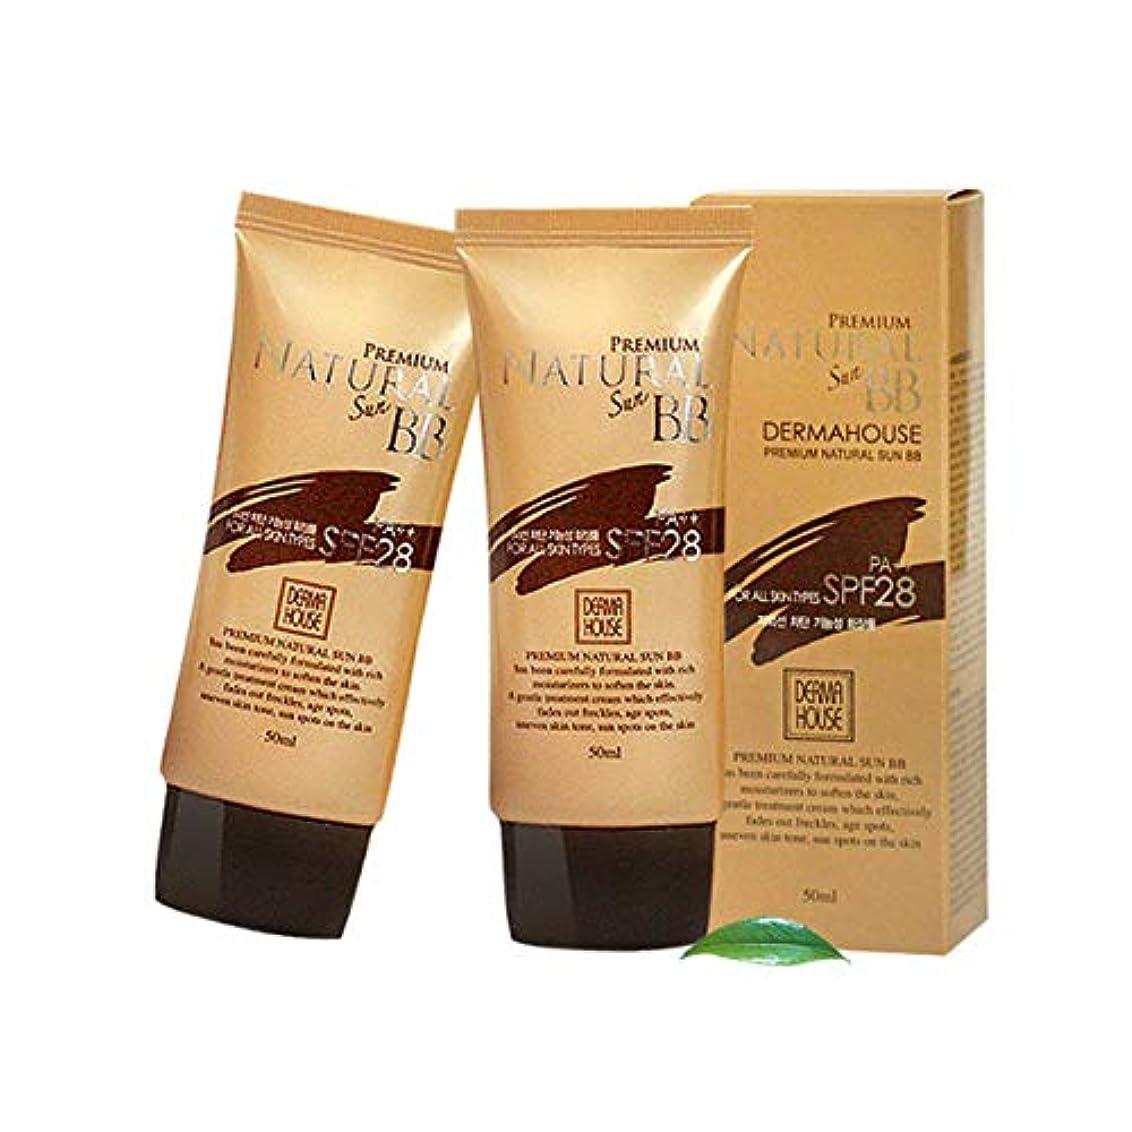 ファイナンス苦しめる不正確ダーマハウスプレミアムナチュラルサンBBクリーム 50mlx2本セット韓国コスメ、Derma House Premium Natural Sun BB Cream 50ml x 2ea Set Korean Cosmetics...